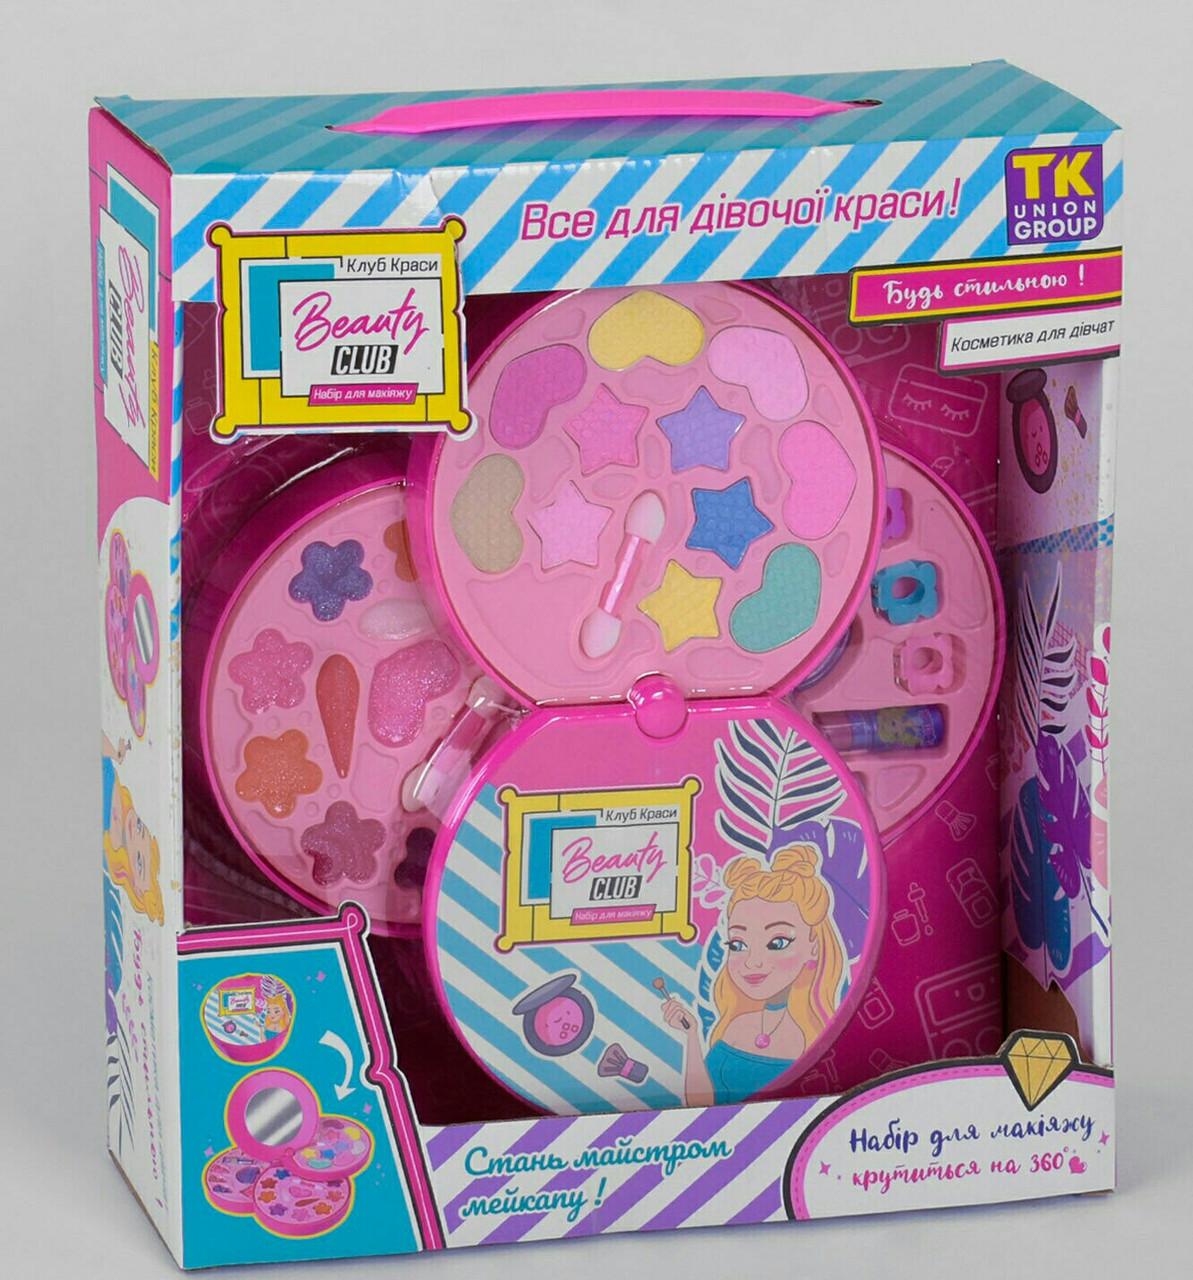 Детский набор косметики, тени, лаки, помада - набор косметики для девочек